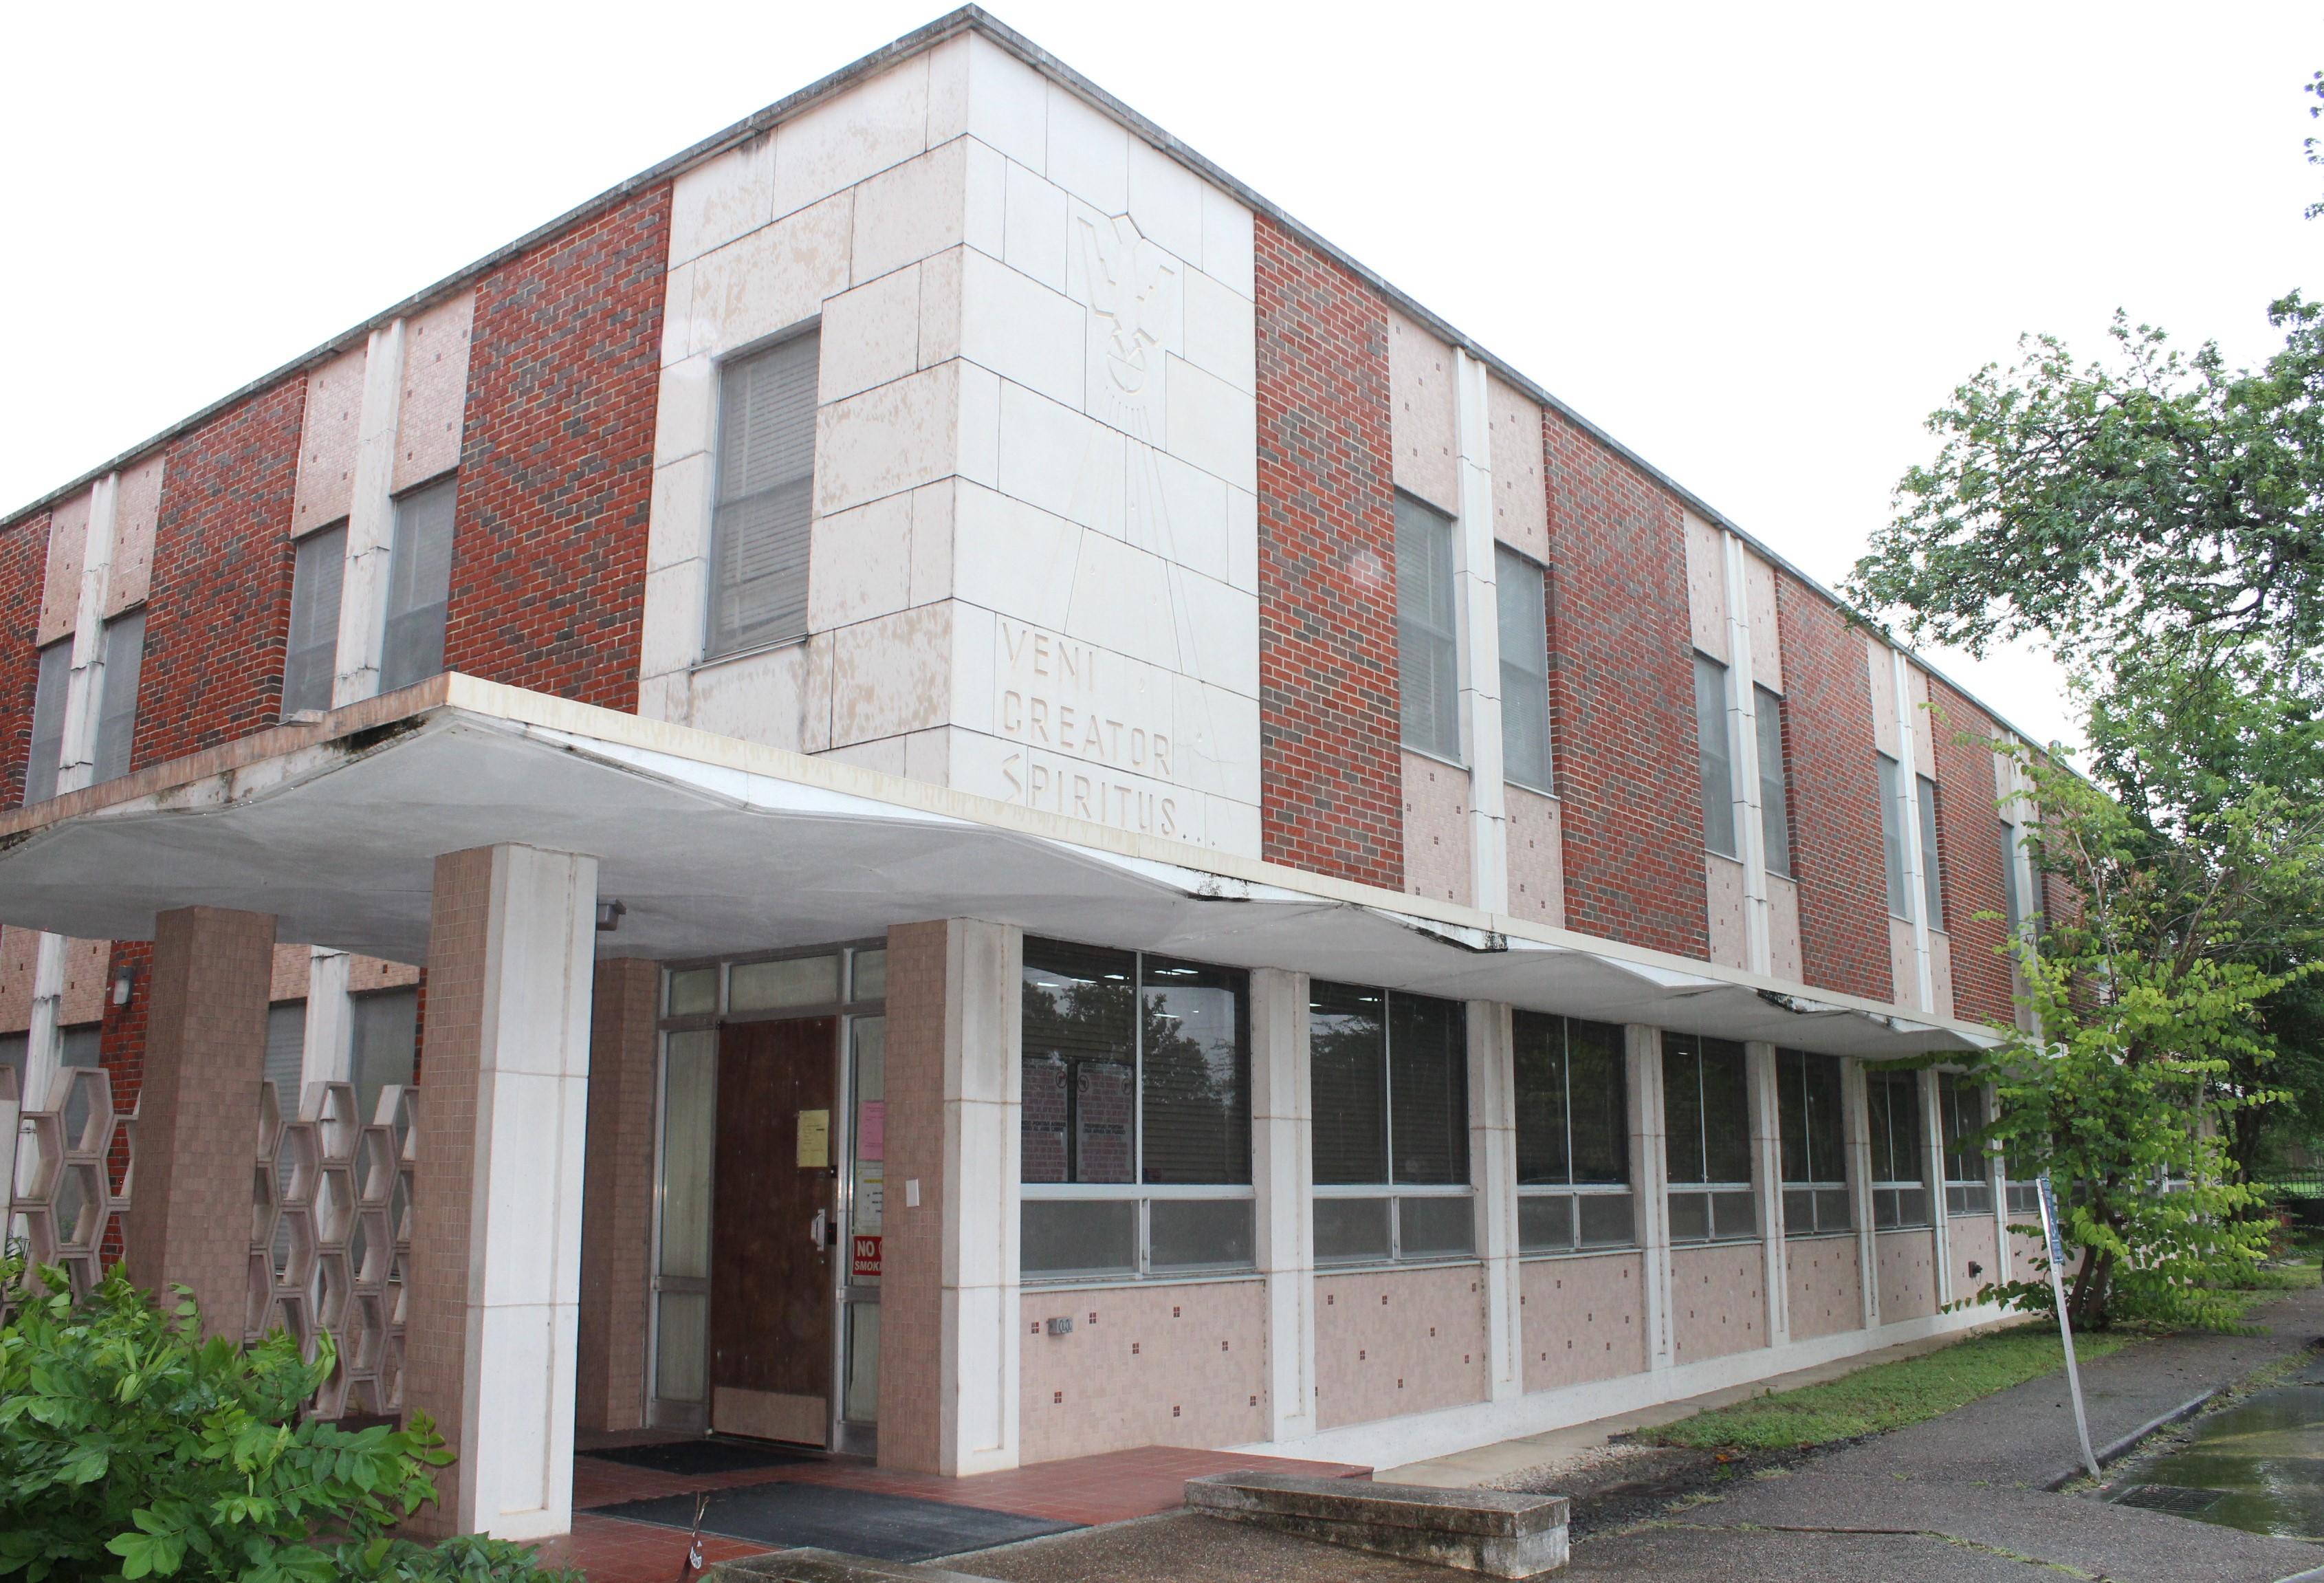 Austin-Cullum Outpatient Center